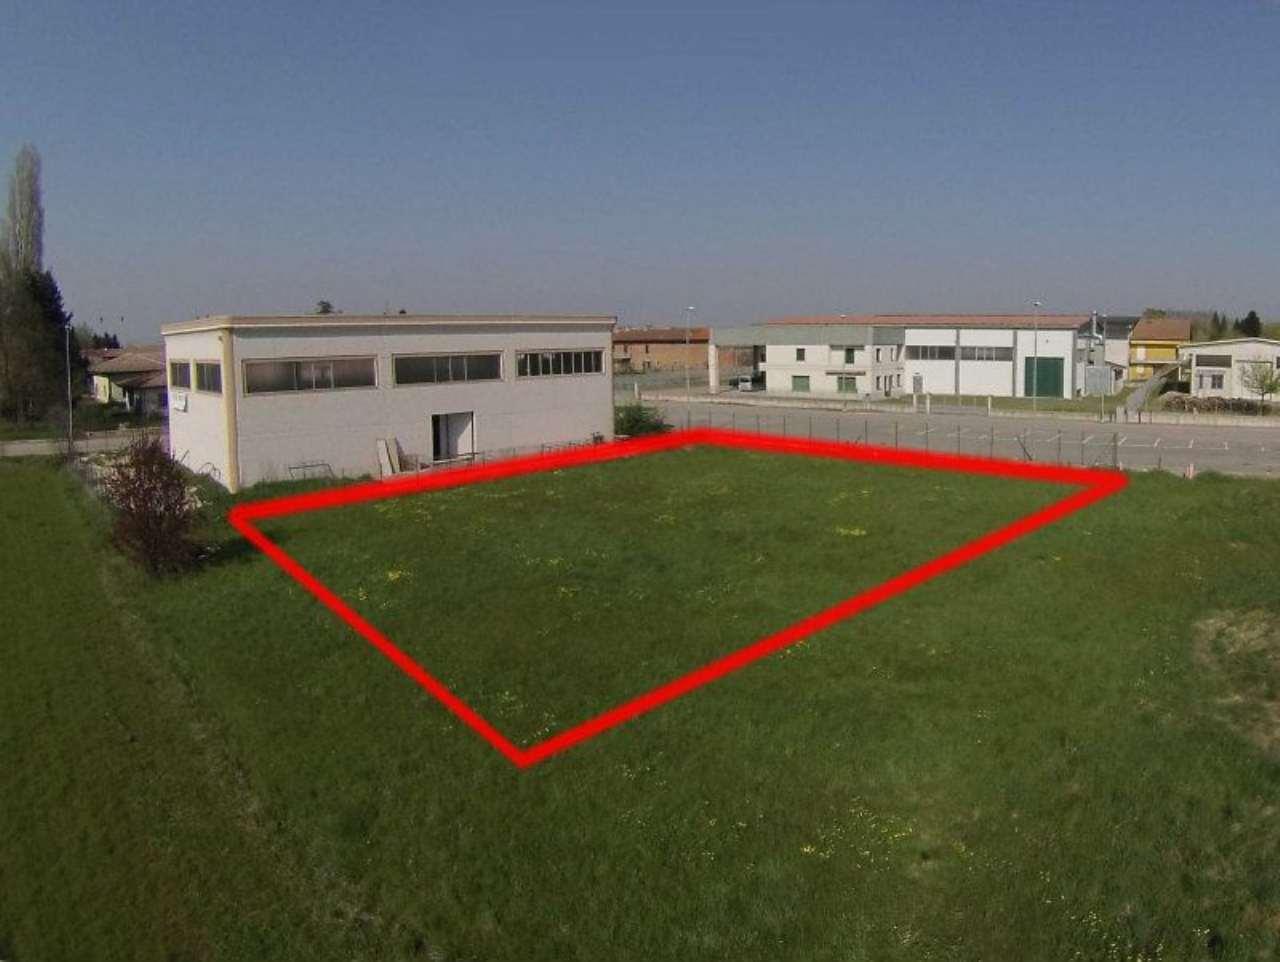 Terreno Edificabile Artigianale in vendita a Dusino San Michele, 9999 locali, prezzo € 50.000 | CambioCasa.it